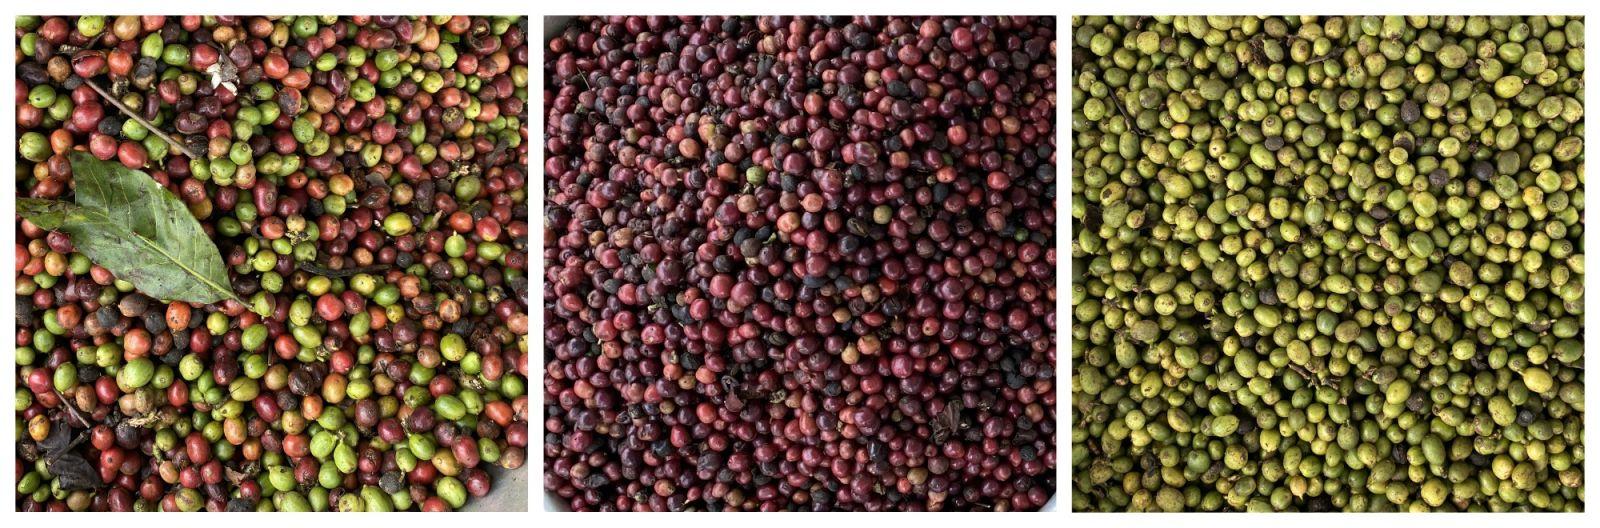 Nguyên liệu cà phê quả được phân loại bằng máy